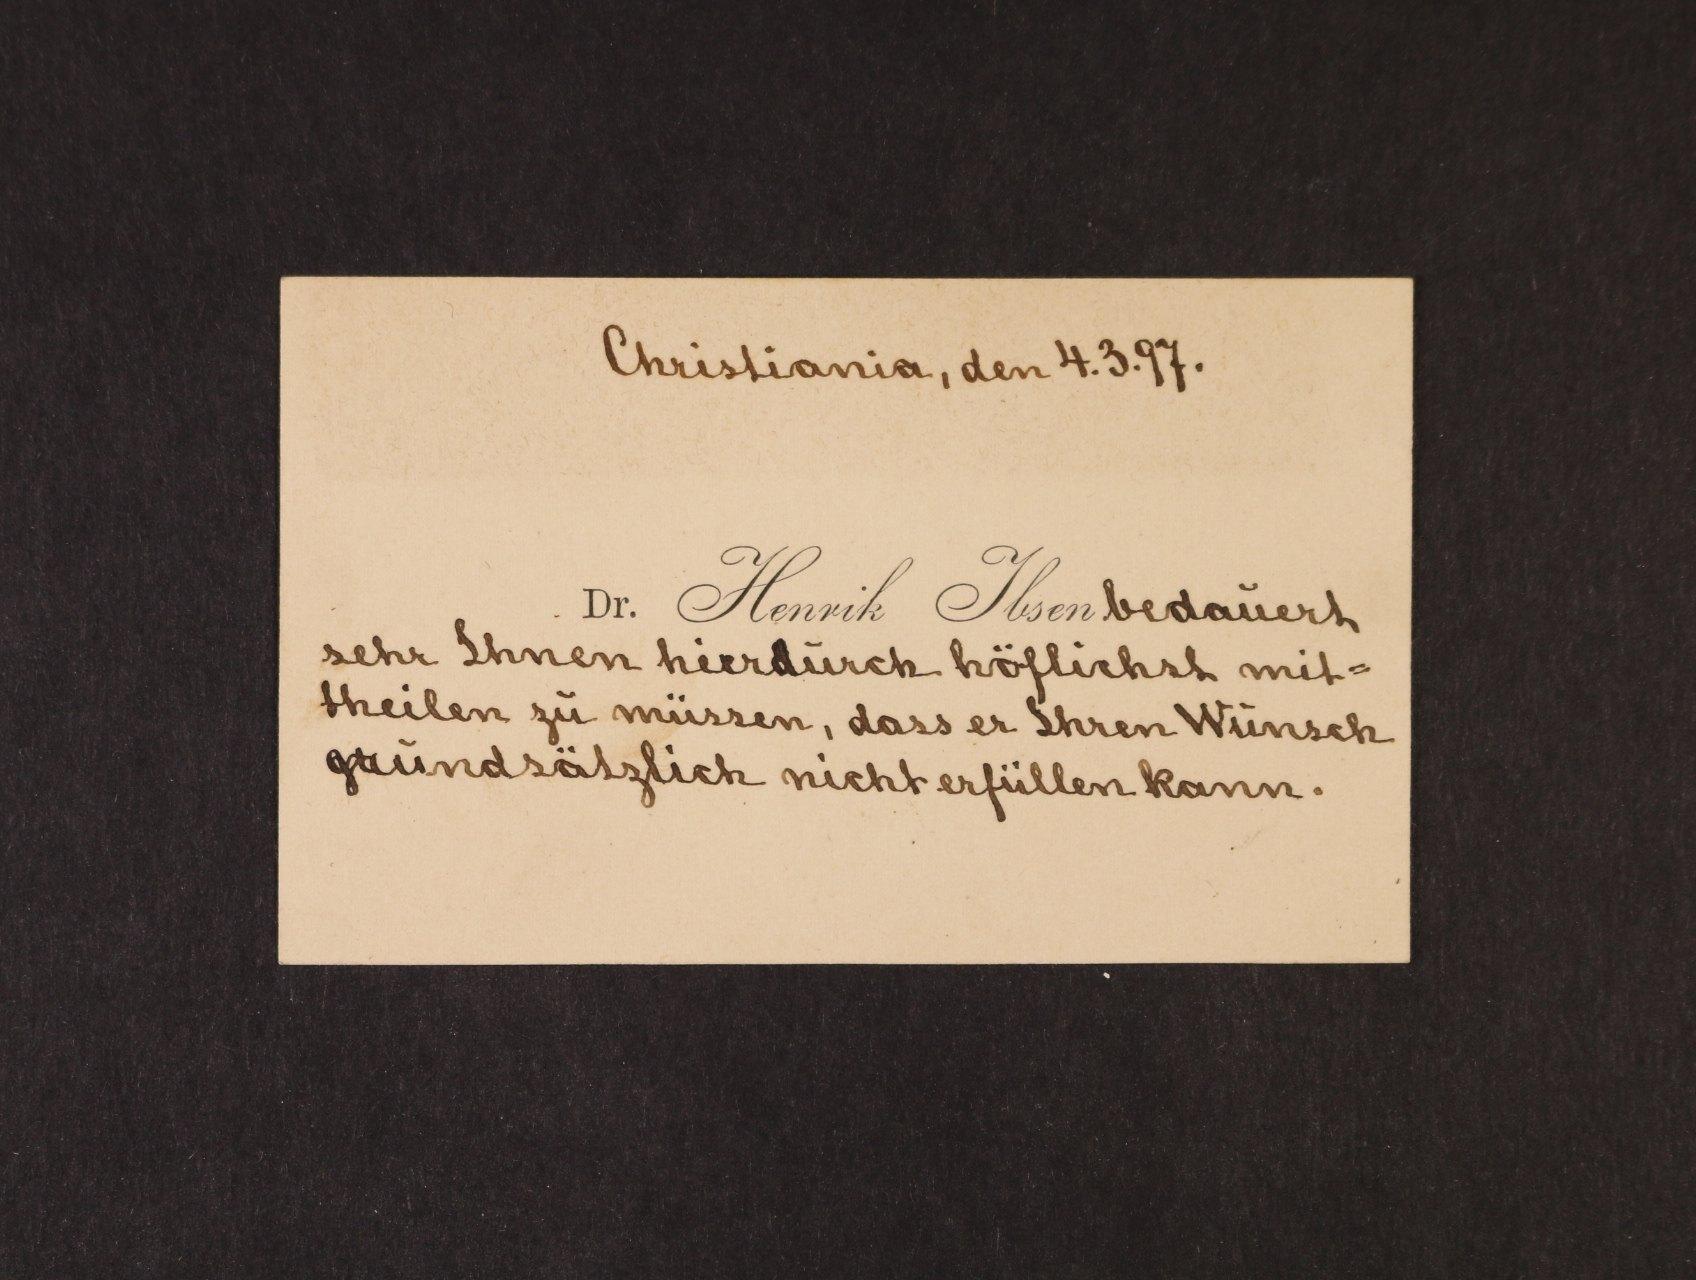 Ibsen Henrik, 1828 - 1906, norský dramatik, spisovatel a básník - vizitka s vlastnoručním textem a datací Christiania 4.3.1897